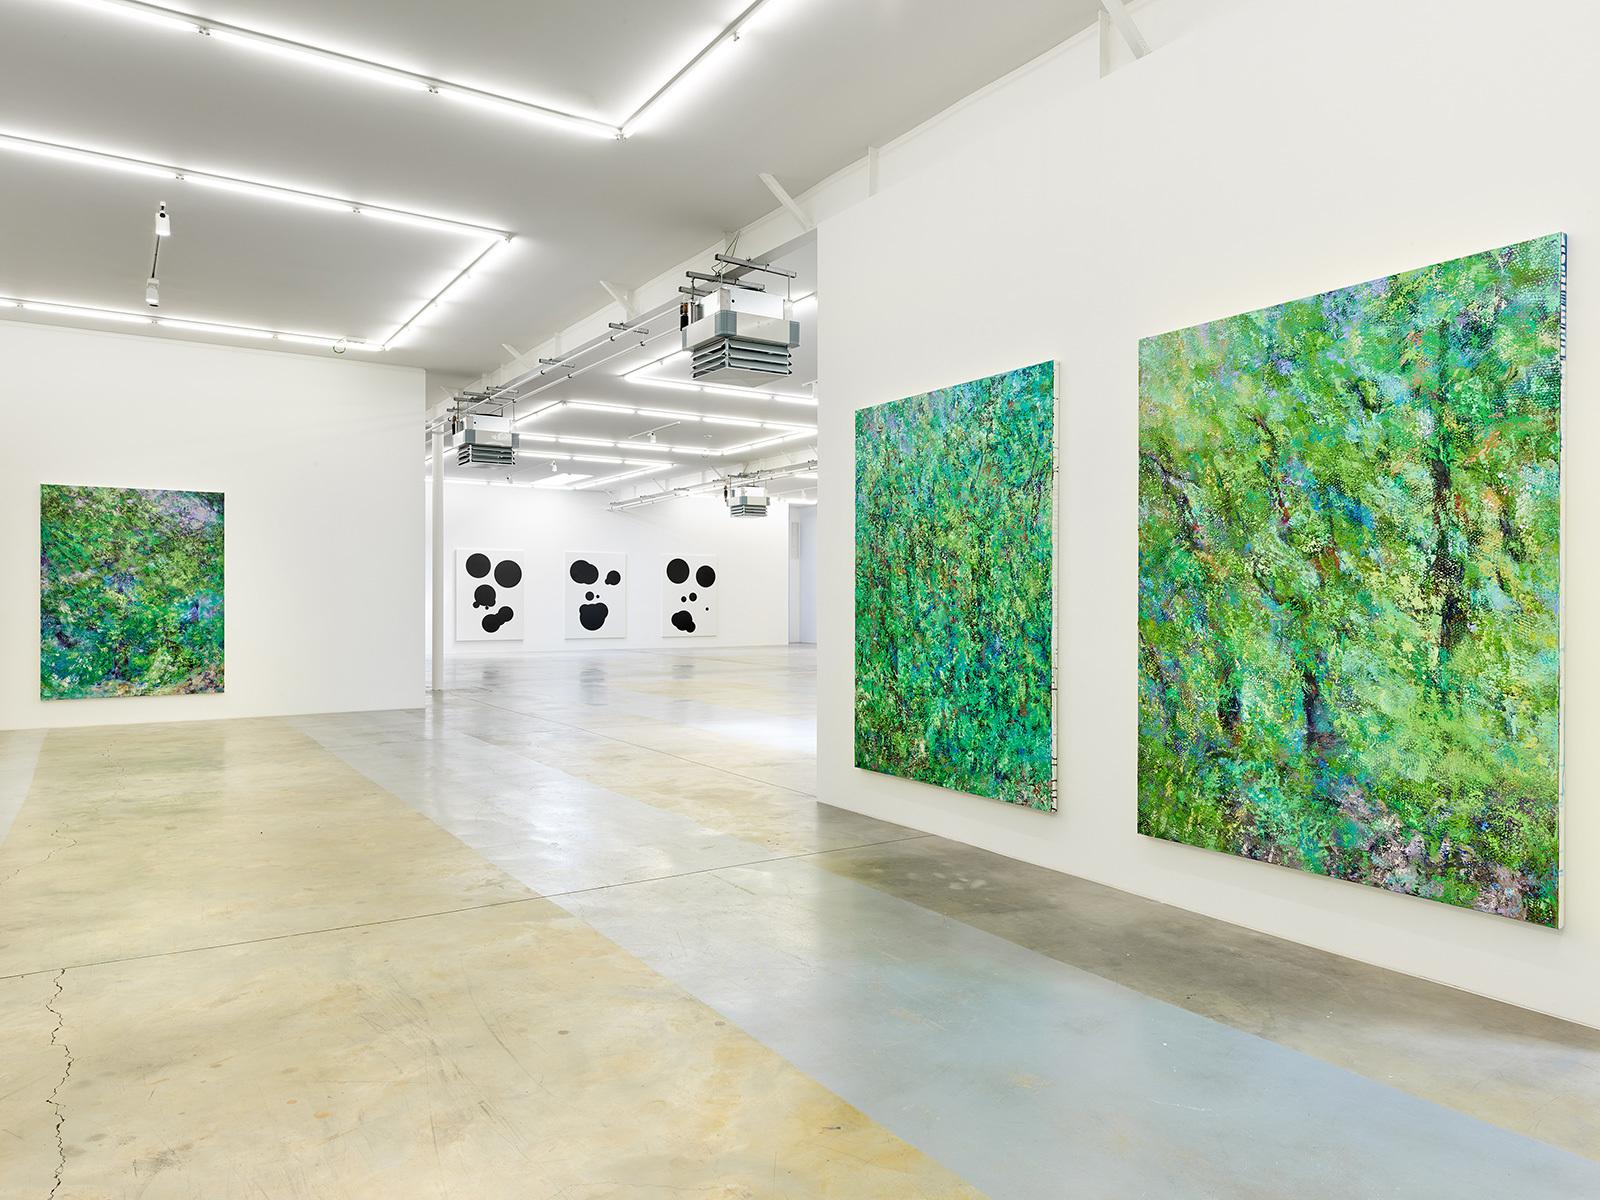 Exhibition view, Mitja Tušek, Freitzeit ist Arbeit, Wandhaff, juin 2021 #4